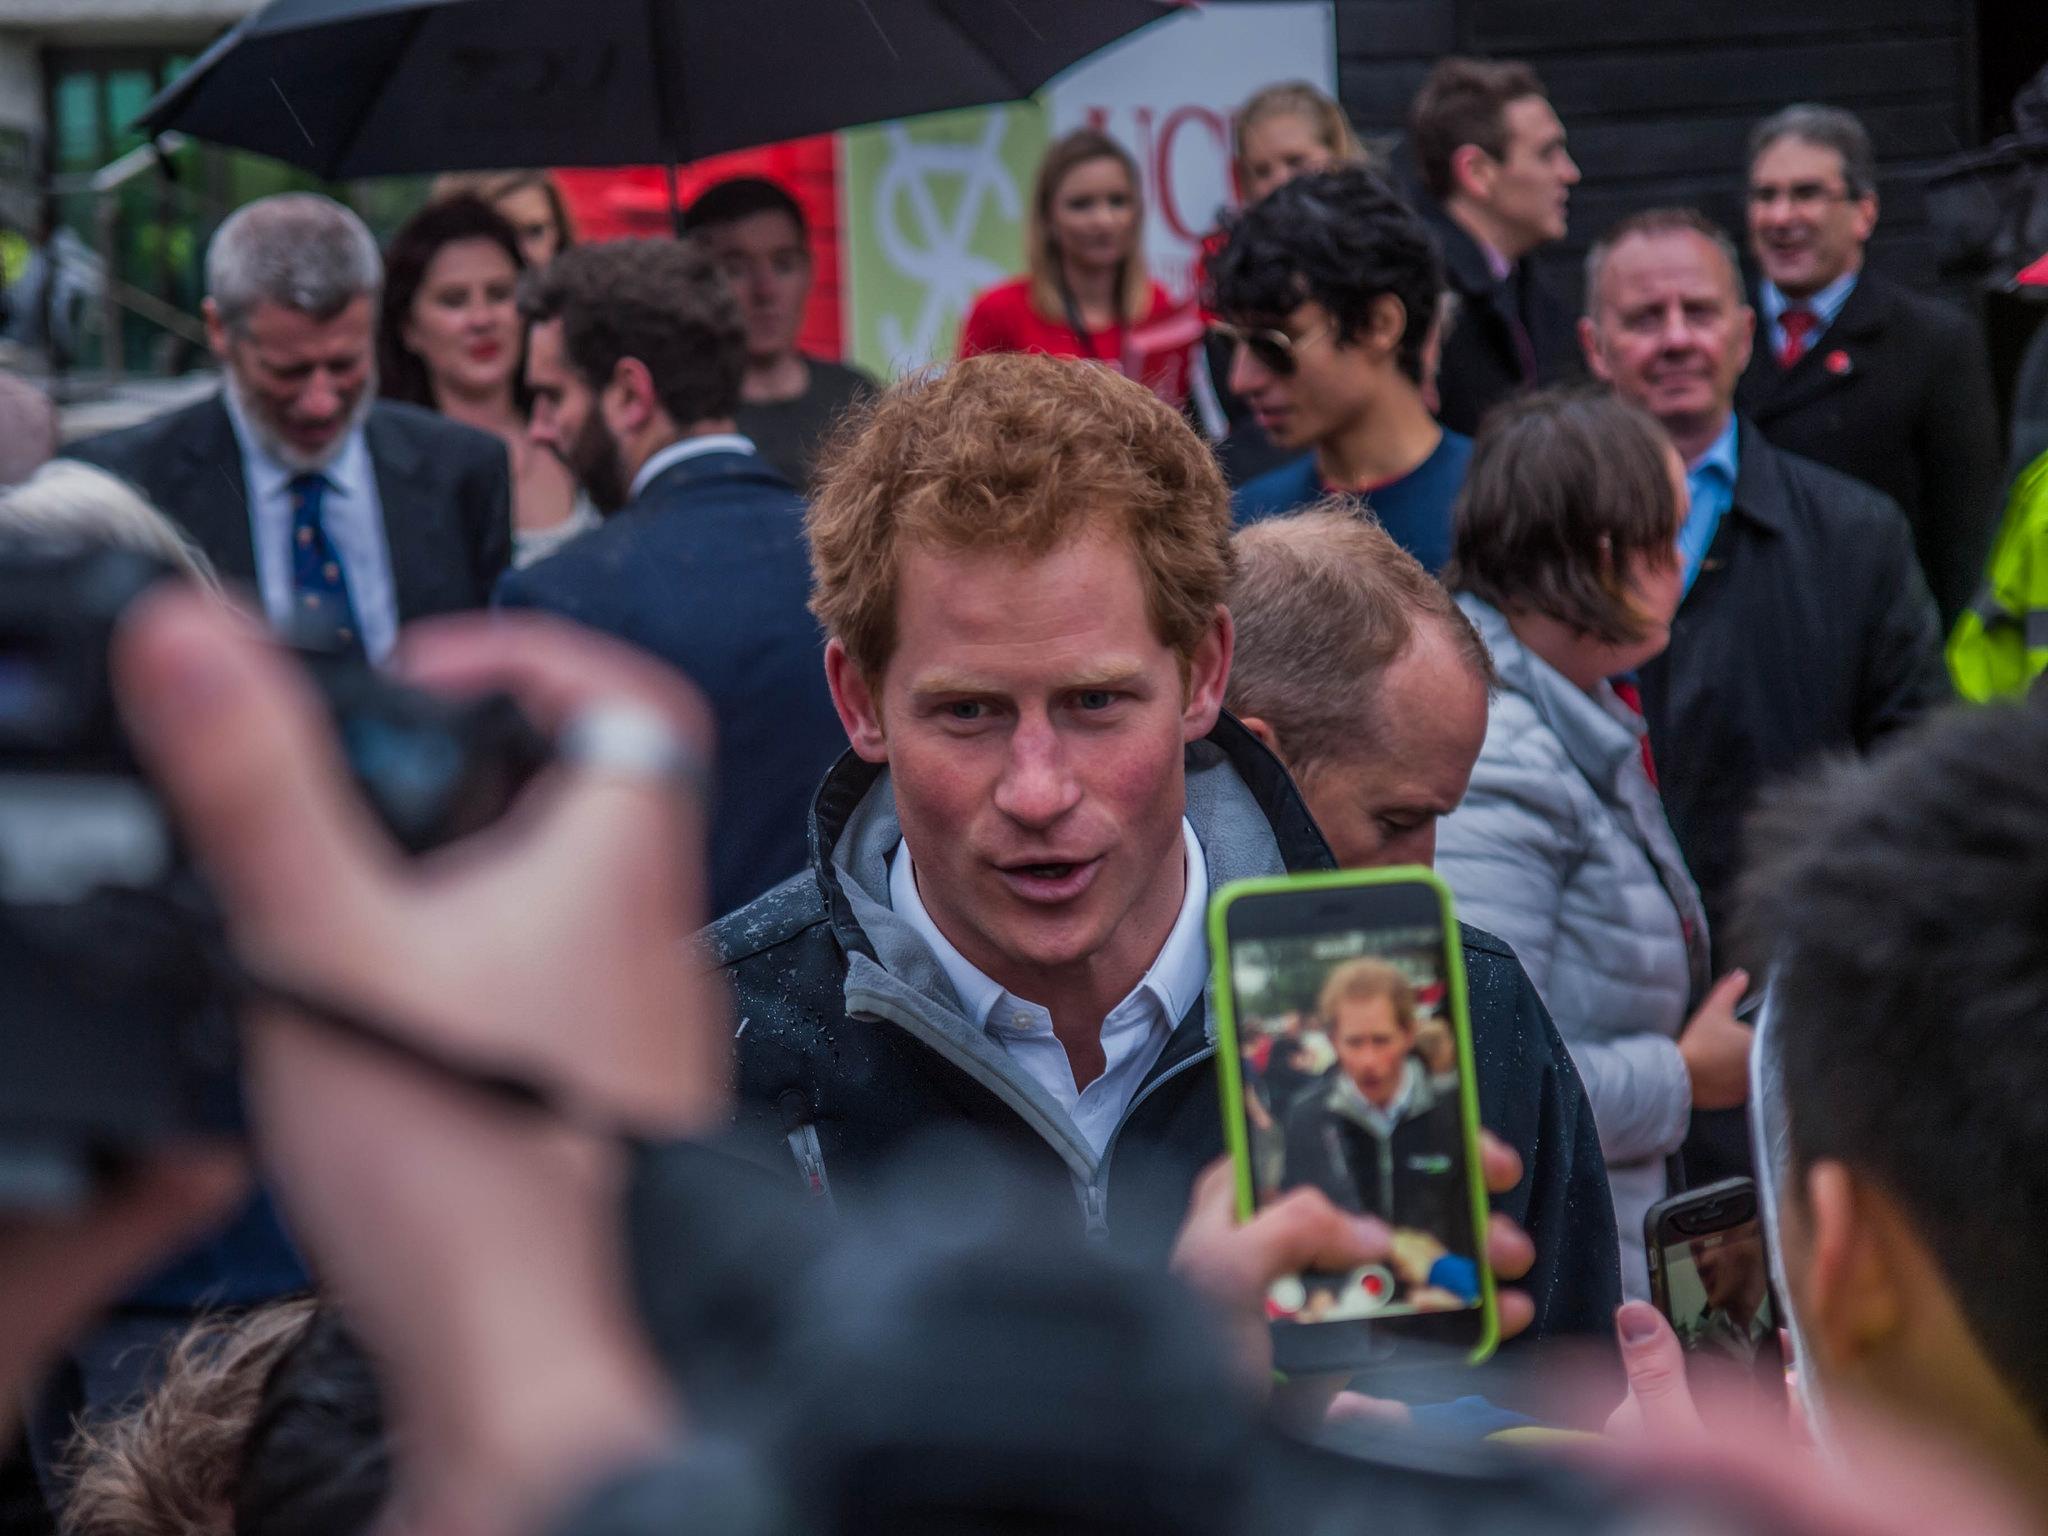 Książę Harry na Uniwersytecie Canterbury, 2015 r. (fot. KoenbrNZ / Flickr.com / CC BY 2.0)